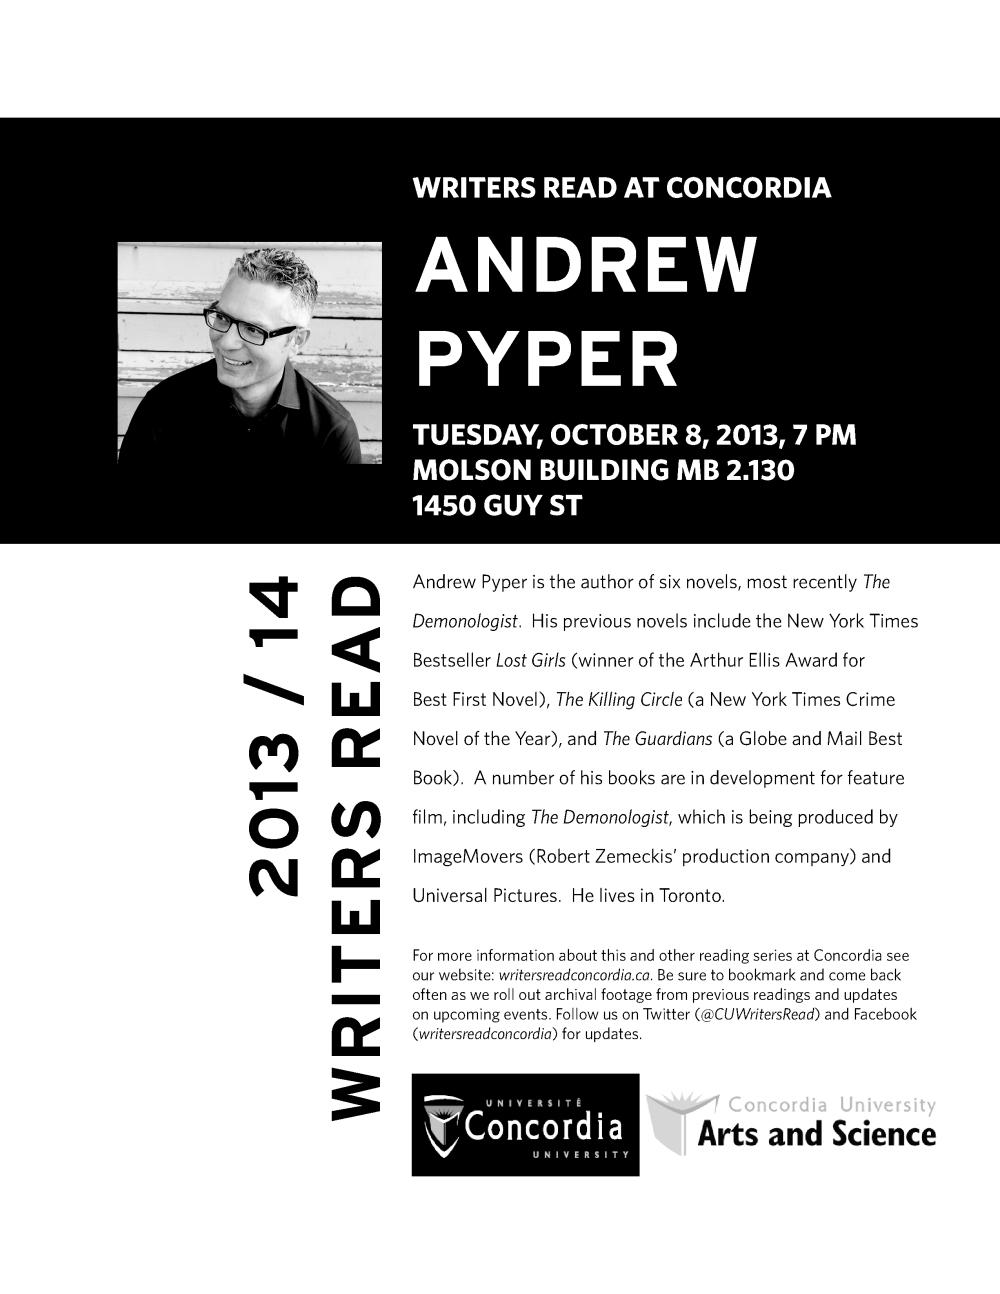 Andrew Pyper Poster